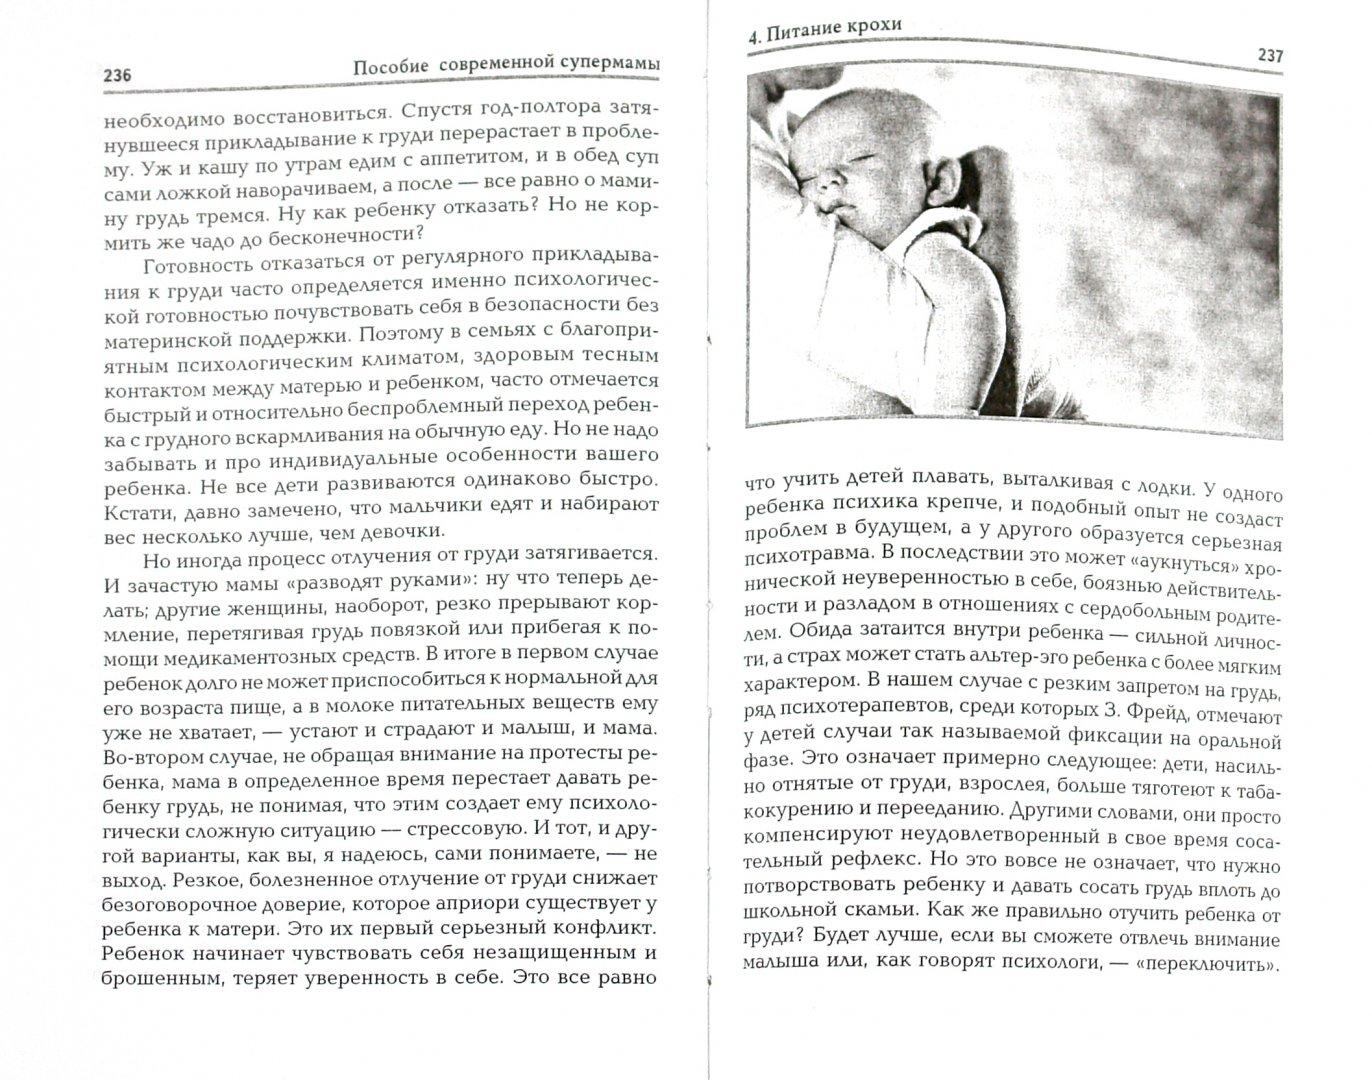 Иллюстрация 1 из 3 для Пособие современной супермамы - Ольга Реуцкая   Лабиринт - книги. Источник: Лабиринт